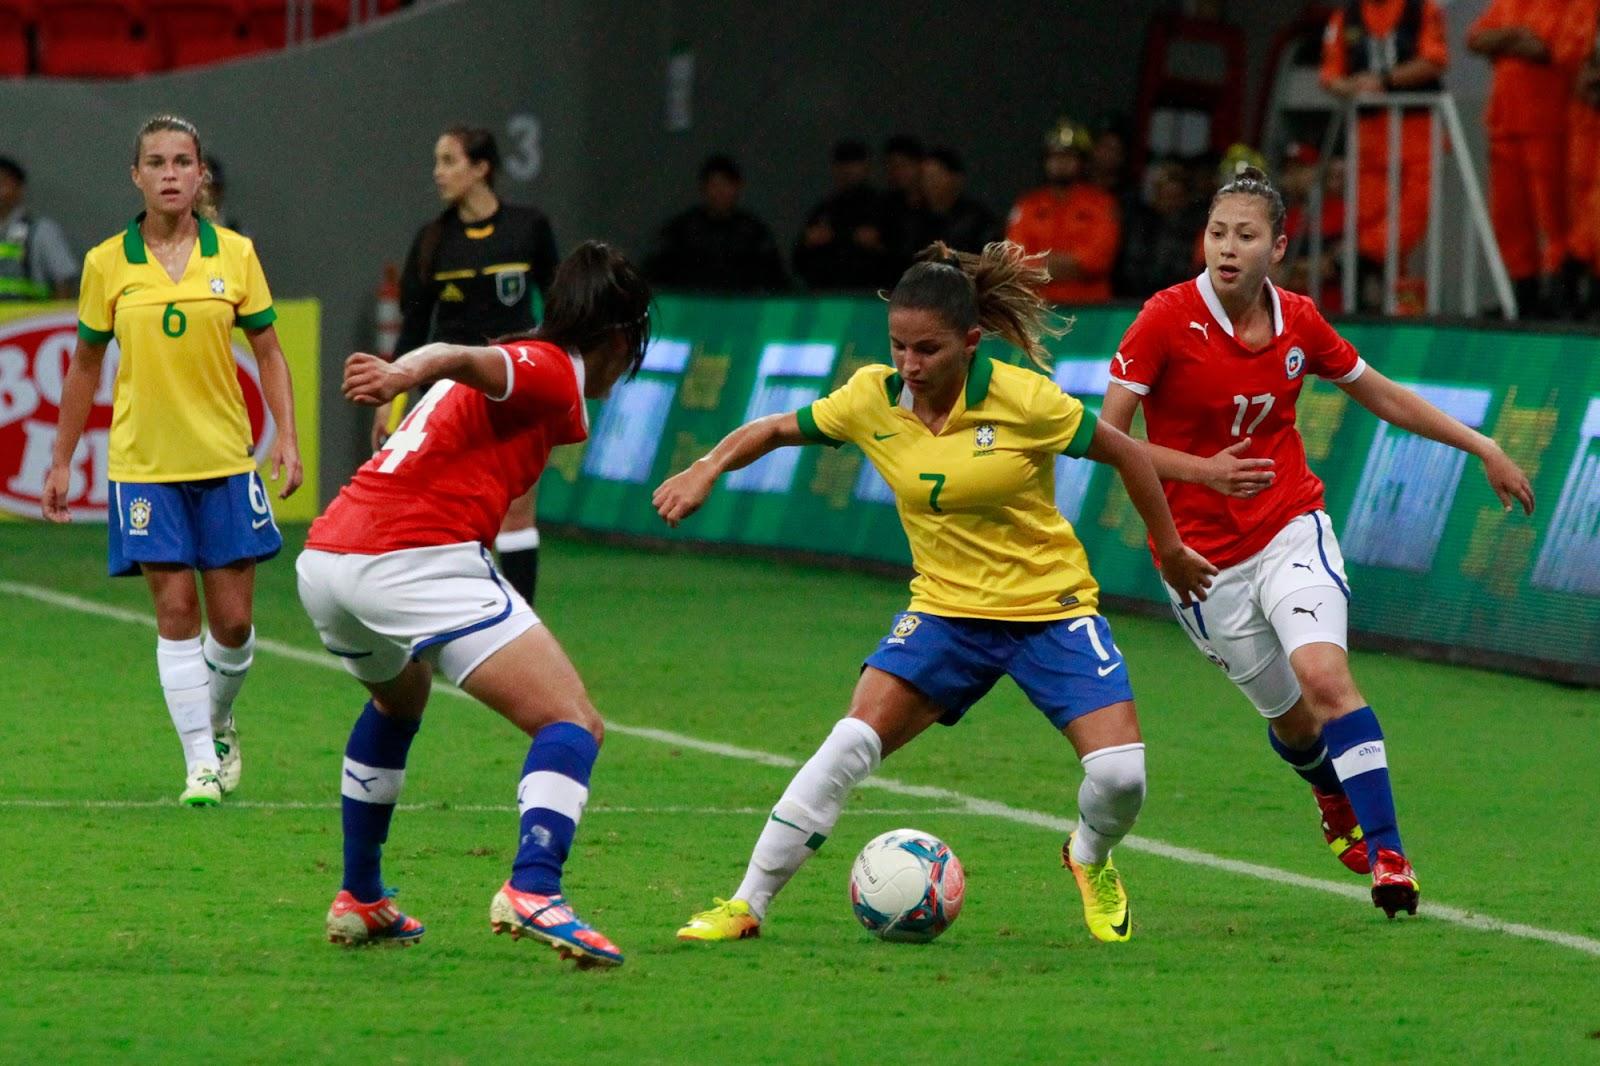 Brasil y Chile en Torneio Internacional de Brasília 2013, 12 de diciembre